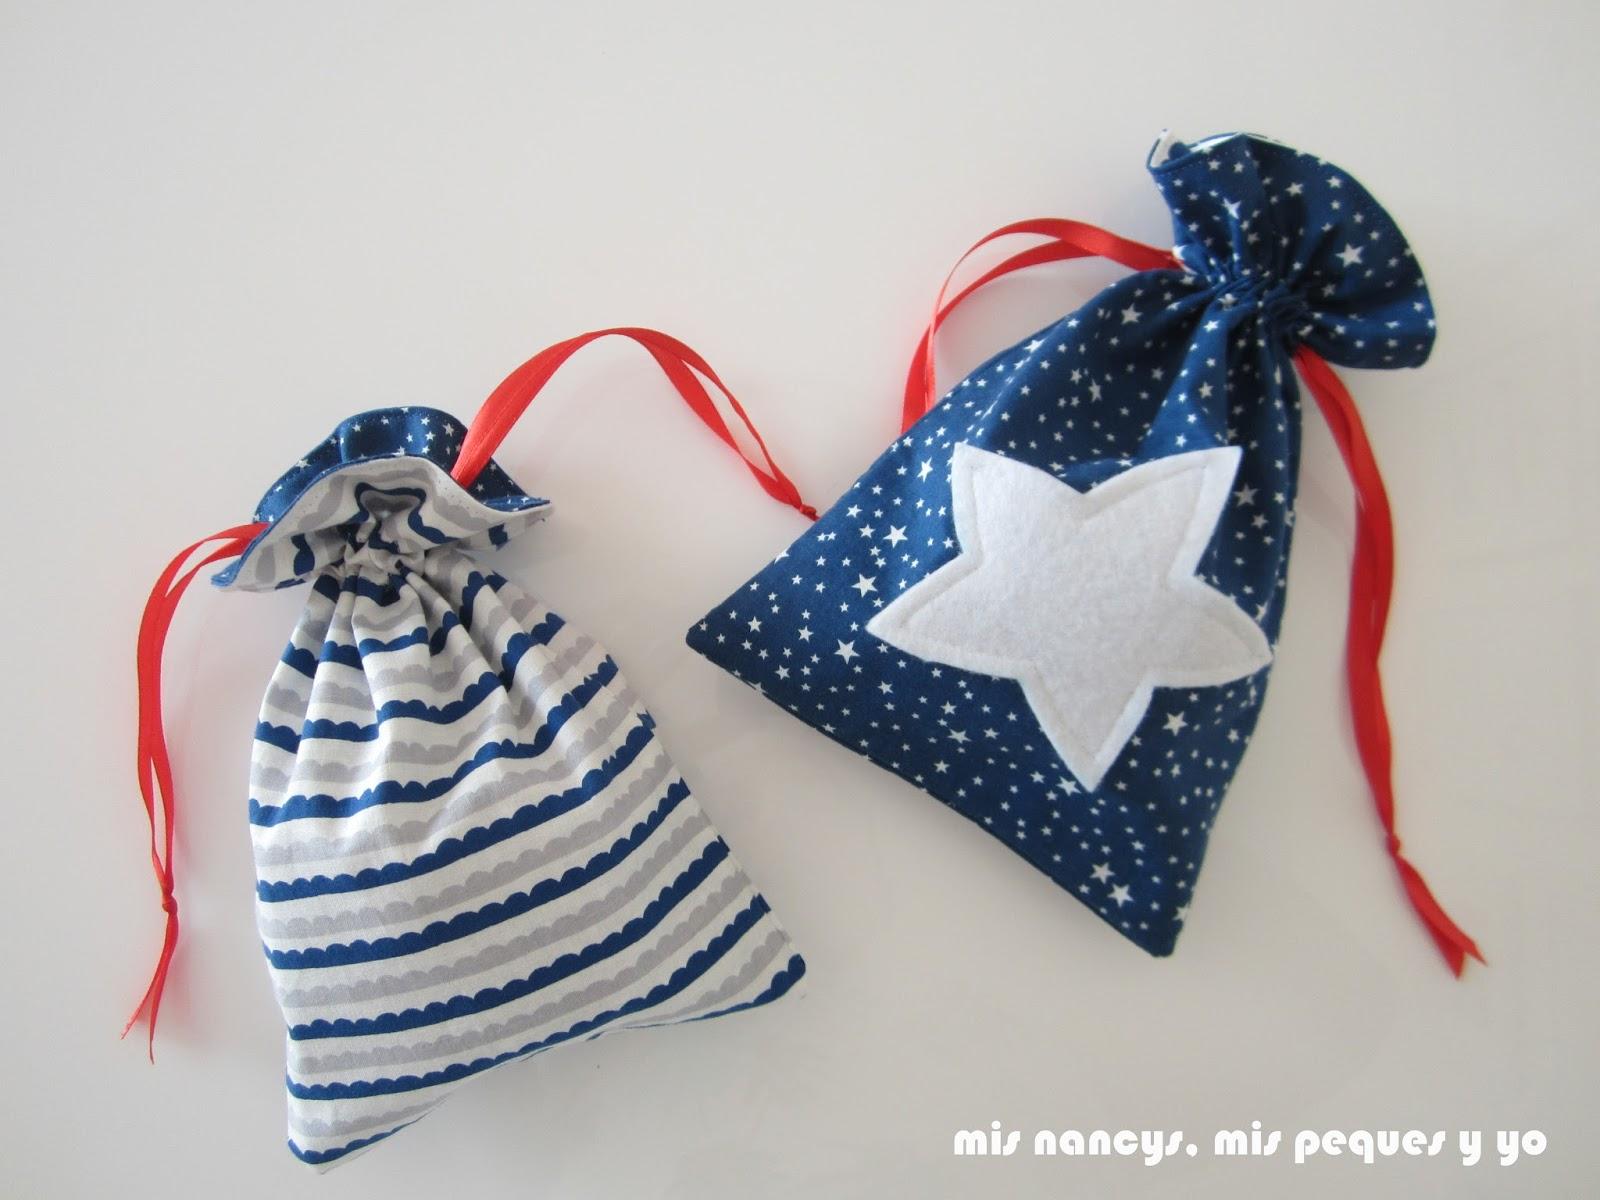 mis nancys, mis peques y yo, tutorial bolsitas de Navidad reversibles, bolsas para regalar